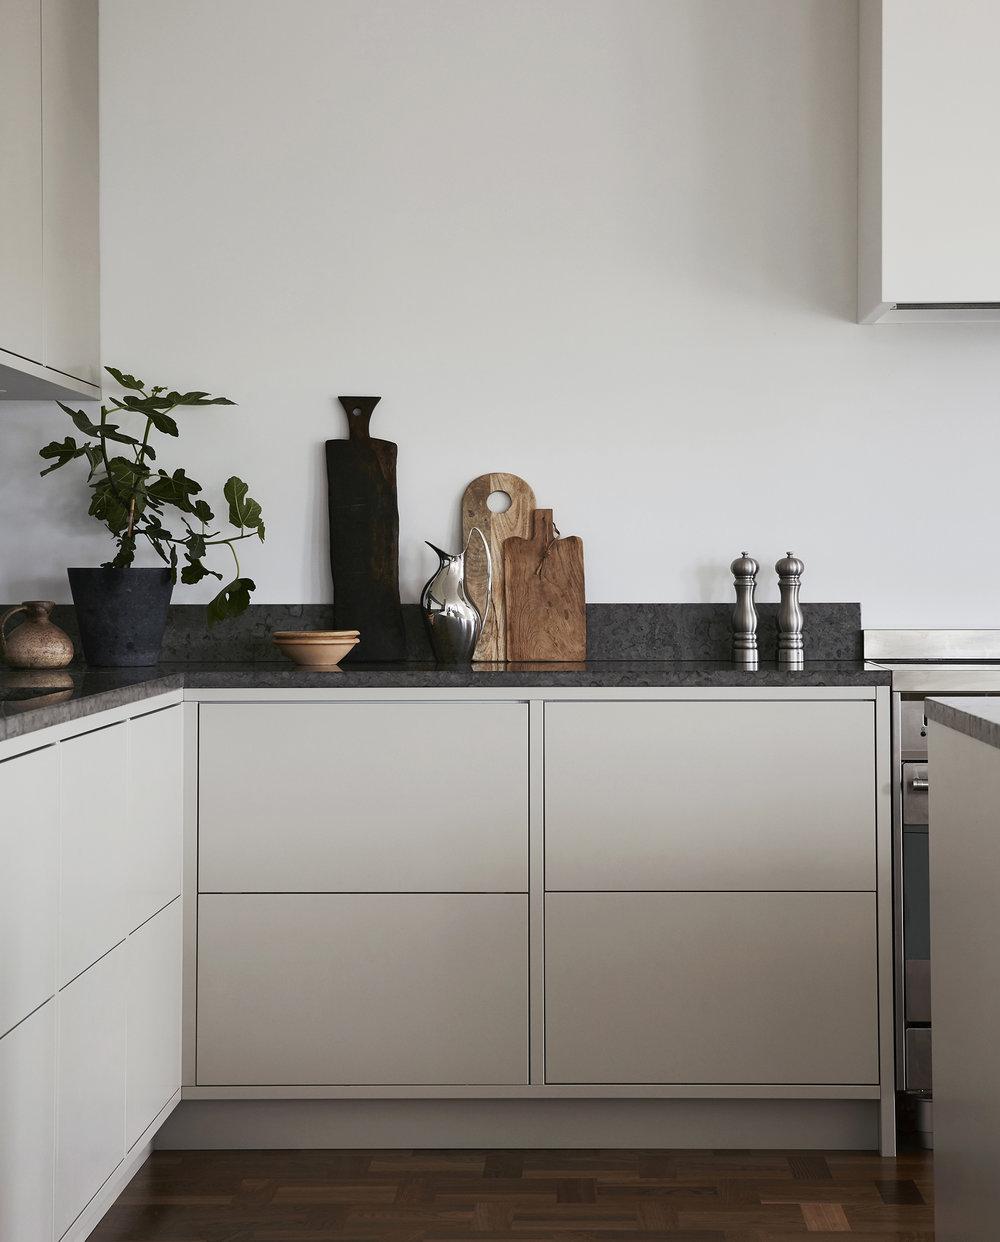 Ett av de mest populära kök vi producerat. De rena linjerna tillsammans med den exklusiv kalkstenen från Kinnekulle ger en unik prägel. Lådbredden anpassat helt efter rummets utformning. 3 + 3m kök + köksö   Prisexempel i grundutförande ca 95.000 - 115.000 sek   Se fler bilder